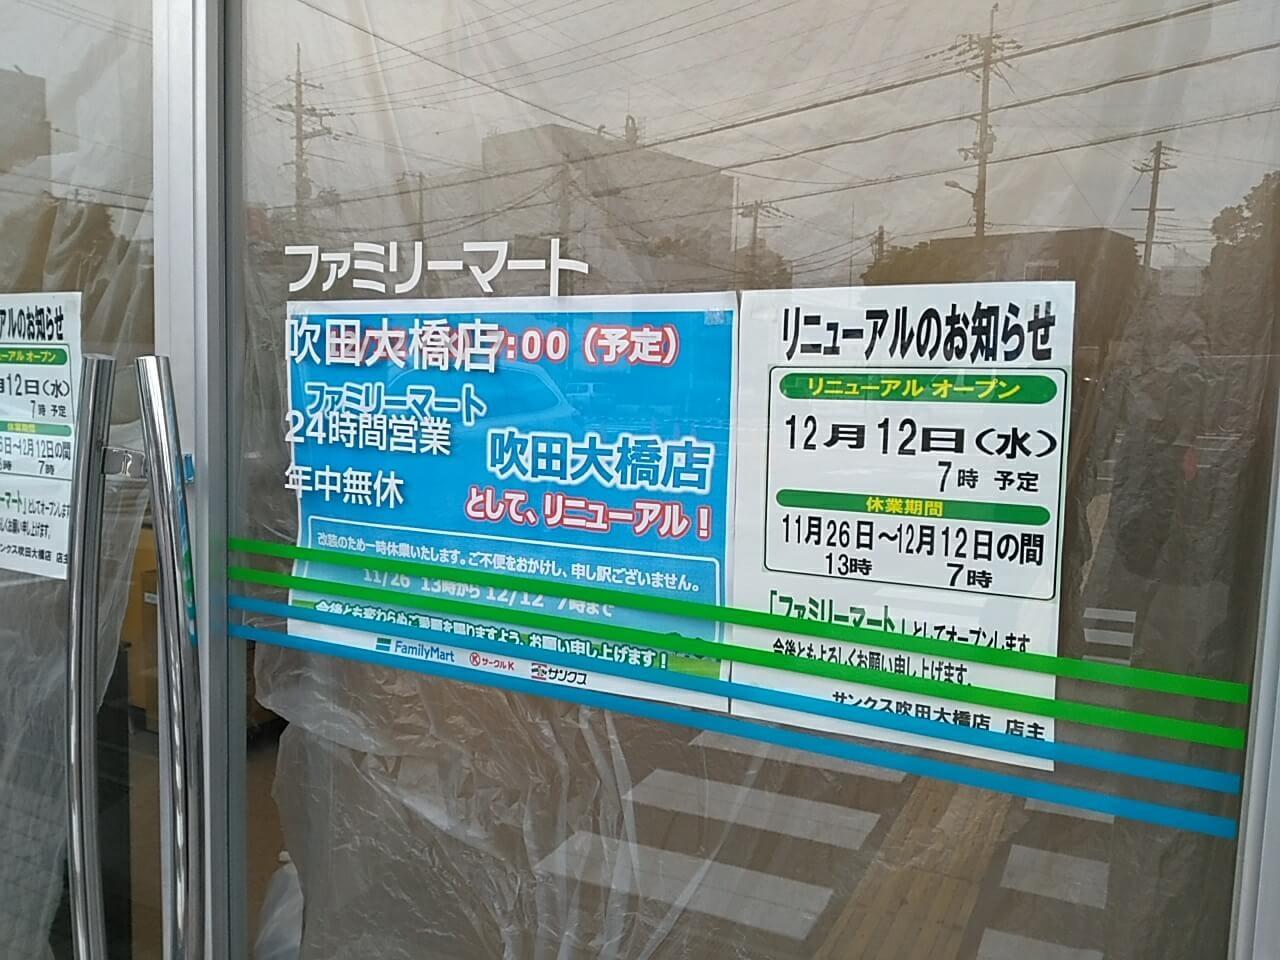 ファミリーマート吹田大橋店